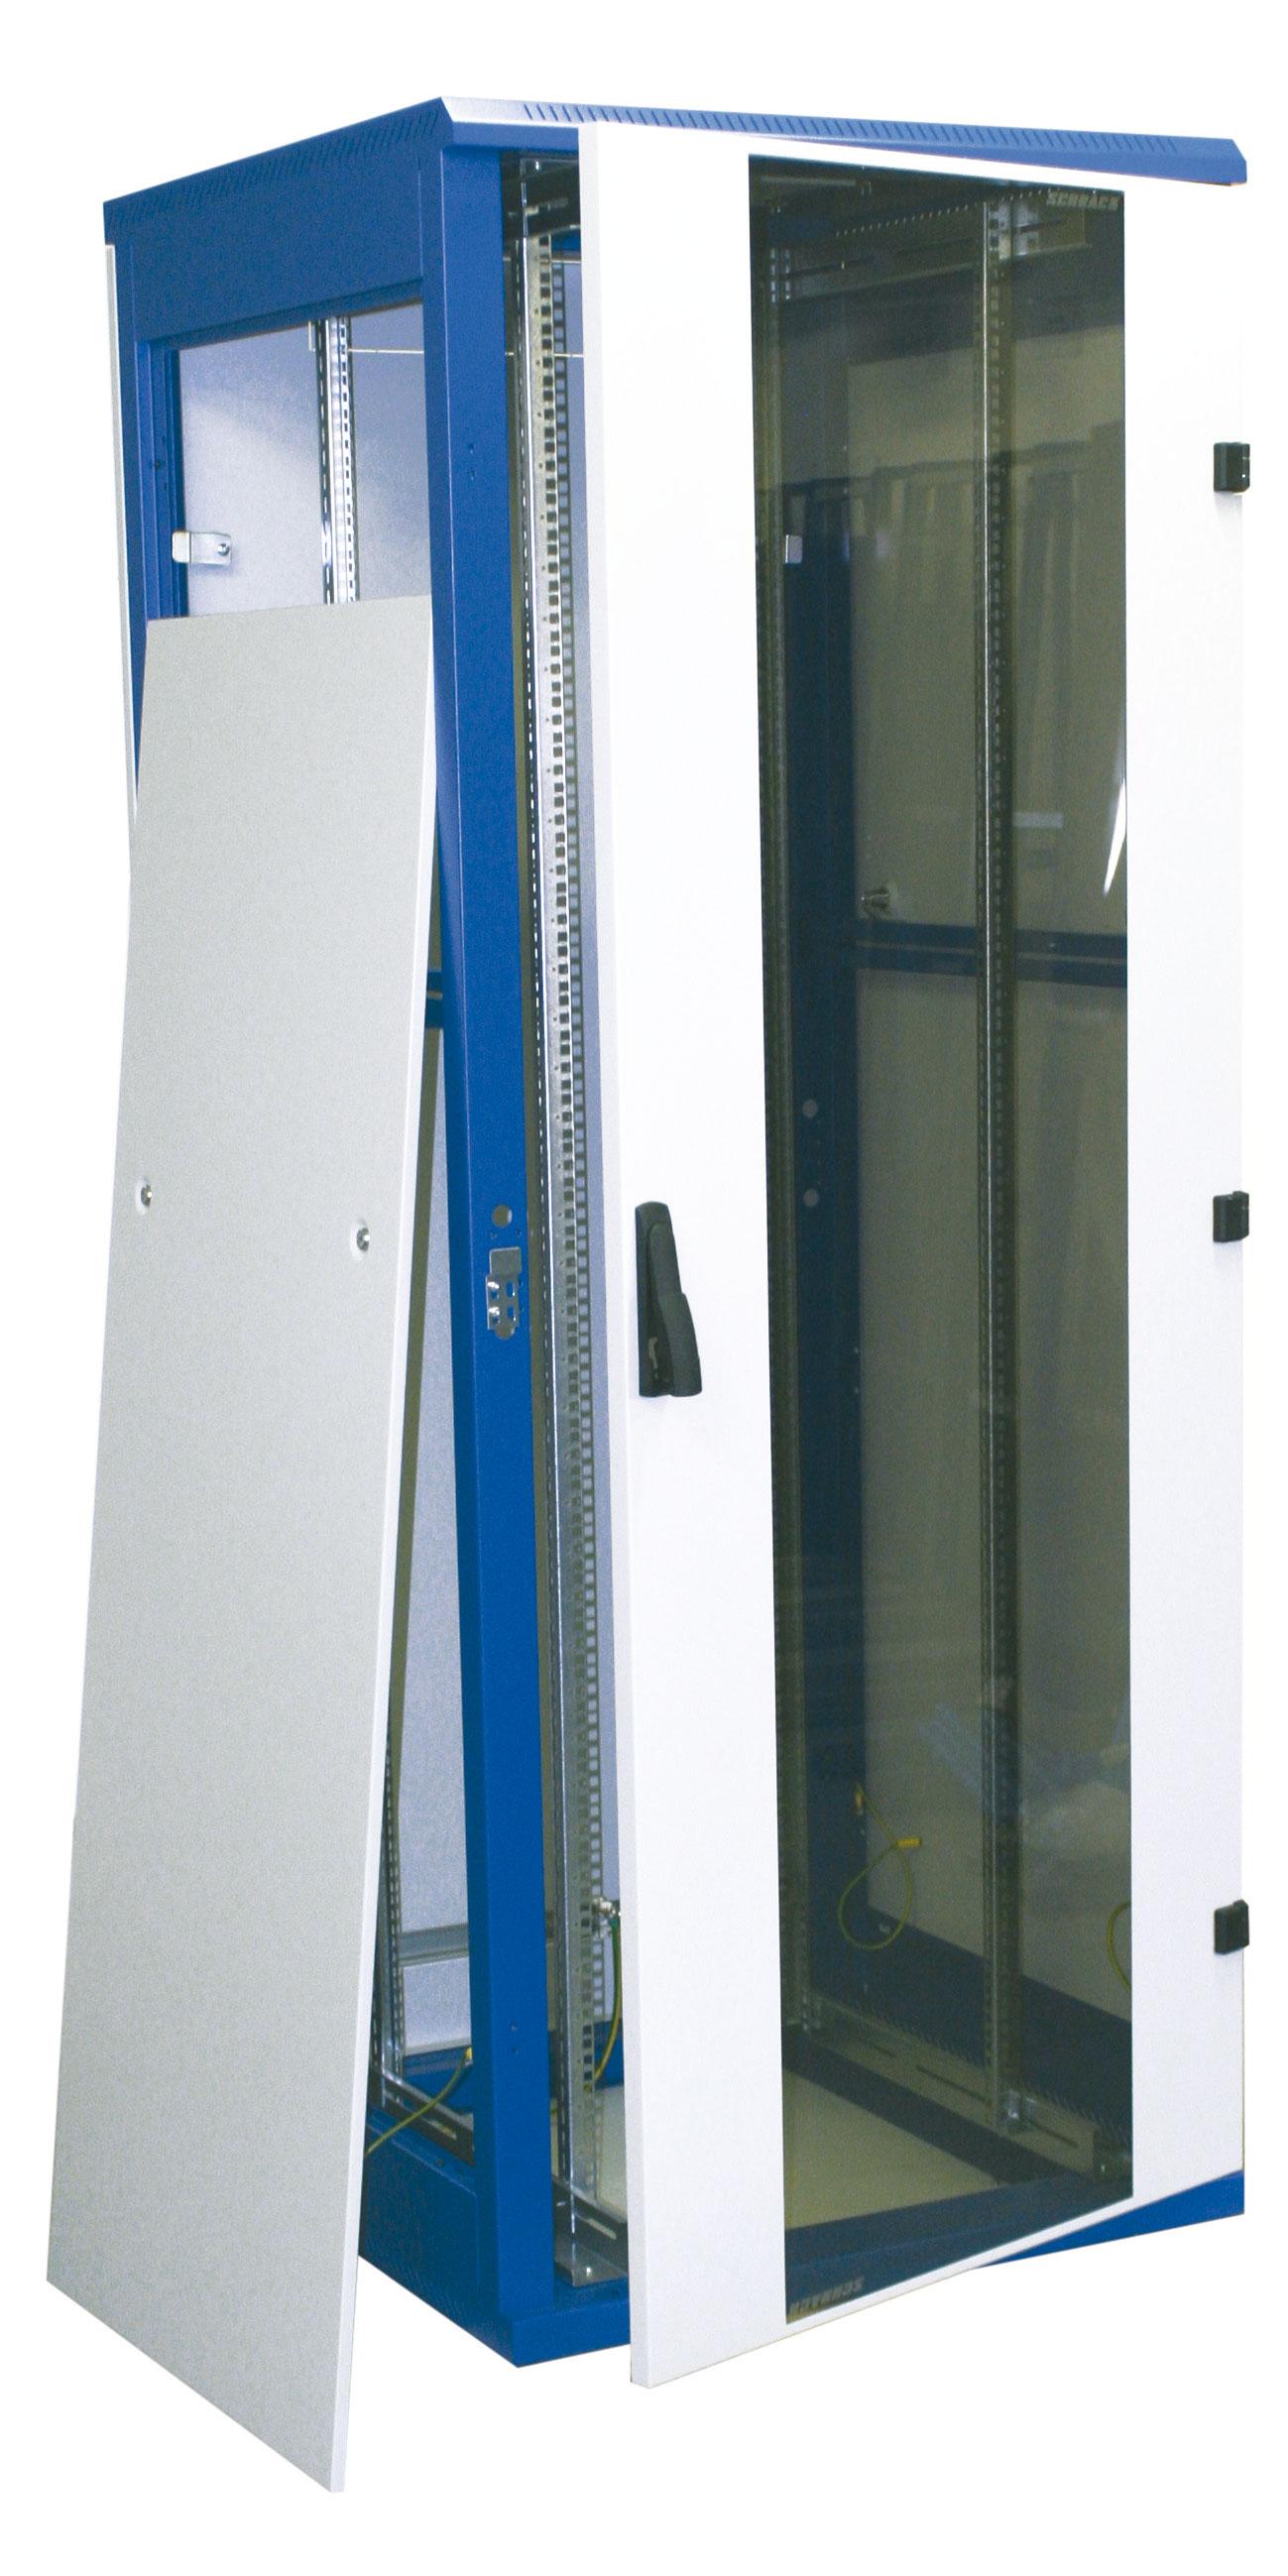 1 Stk Netzwerk-Standschrank DSZ,zerlegbar,B800xH1970xT1200,1942HE DSZ428020-